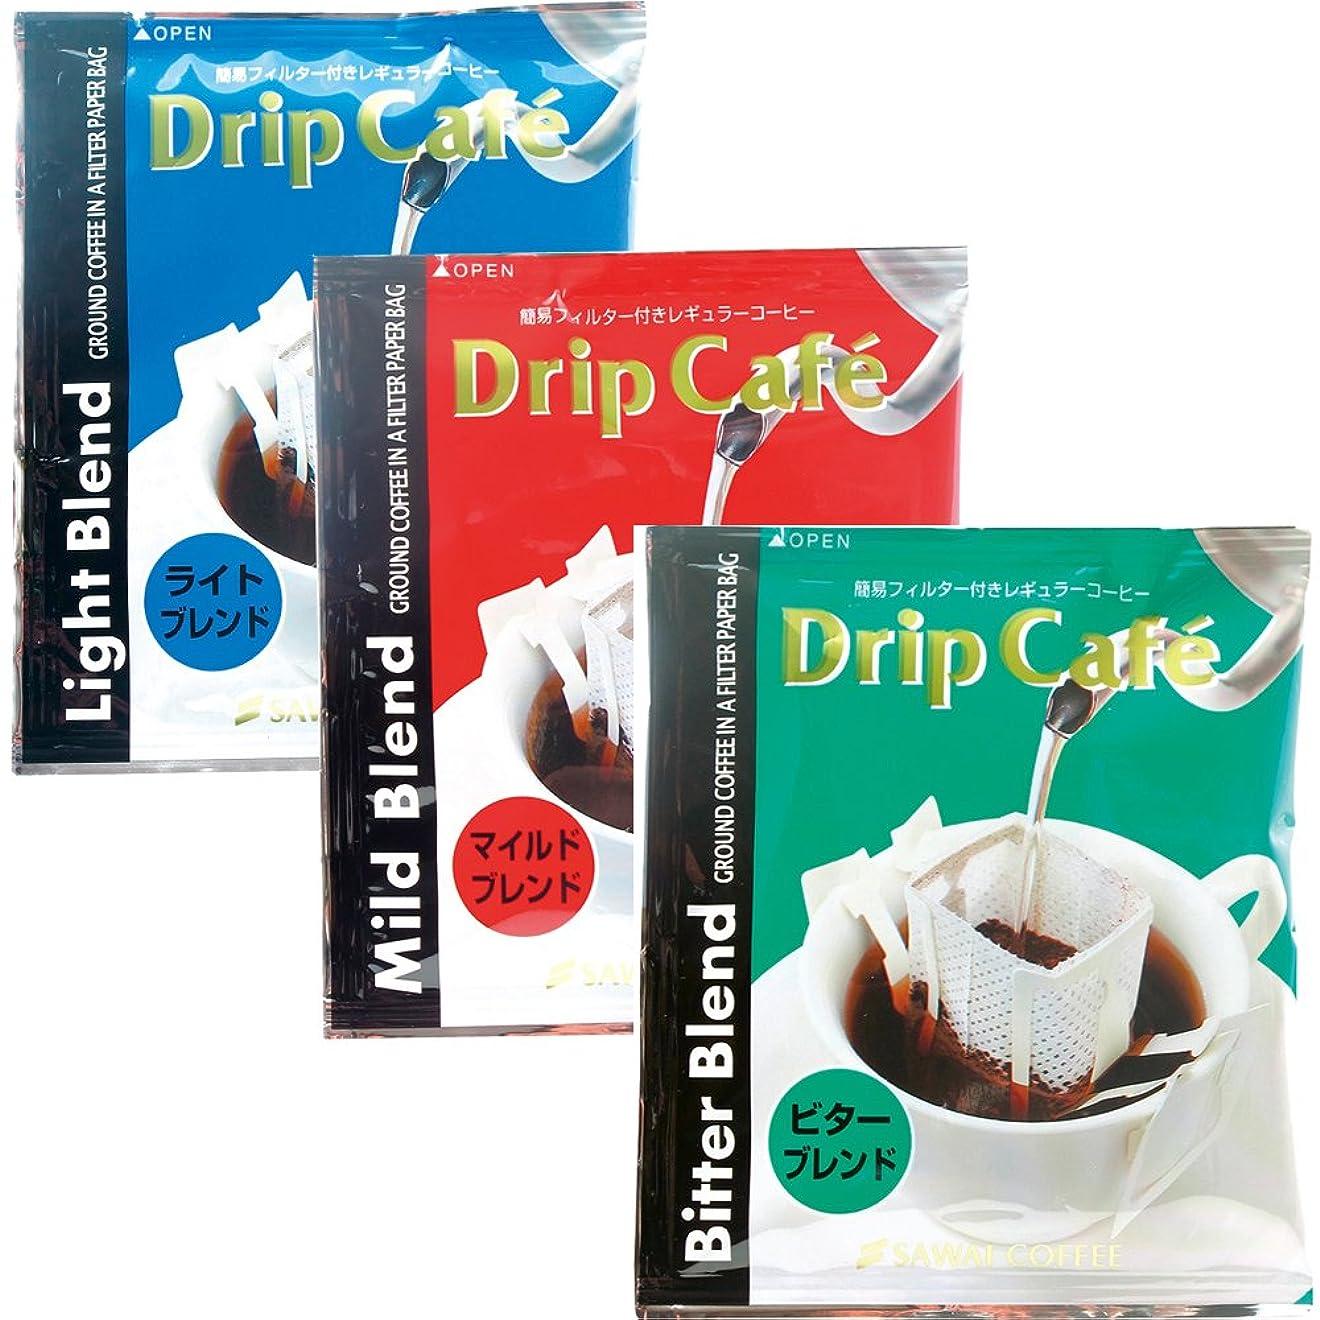 差し引く実施するブレンド澤井珈琲 コーヒー 専門店 ドリップバッグ コーヒー セット 8g x 150袋